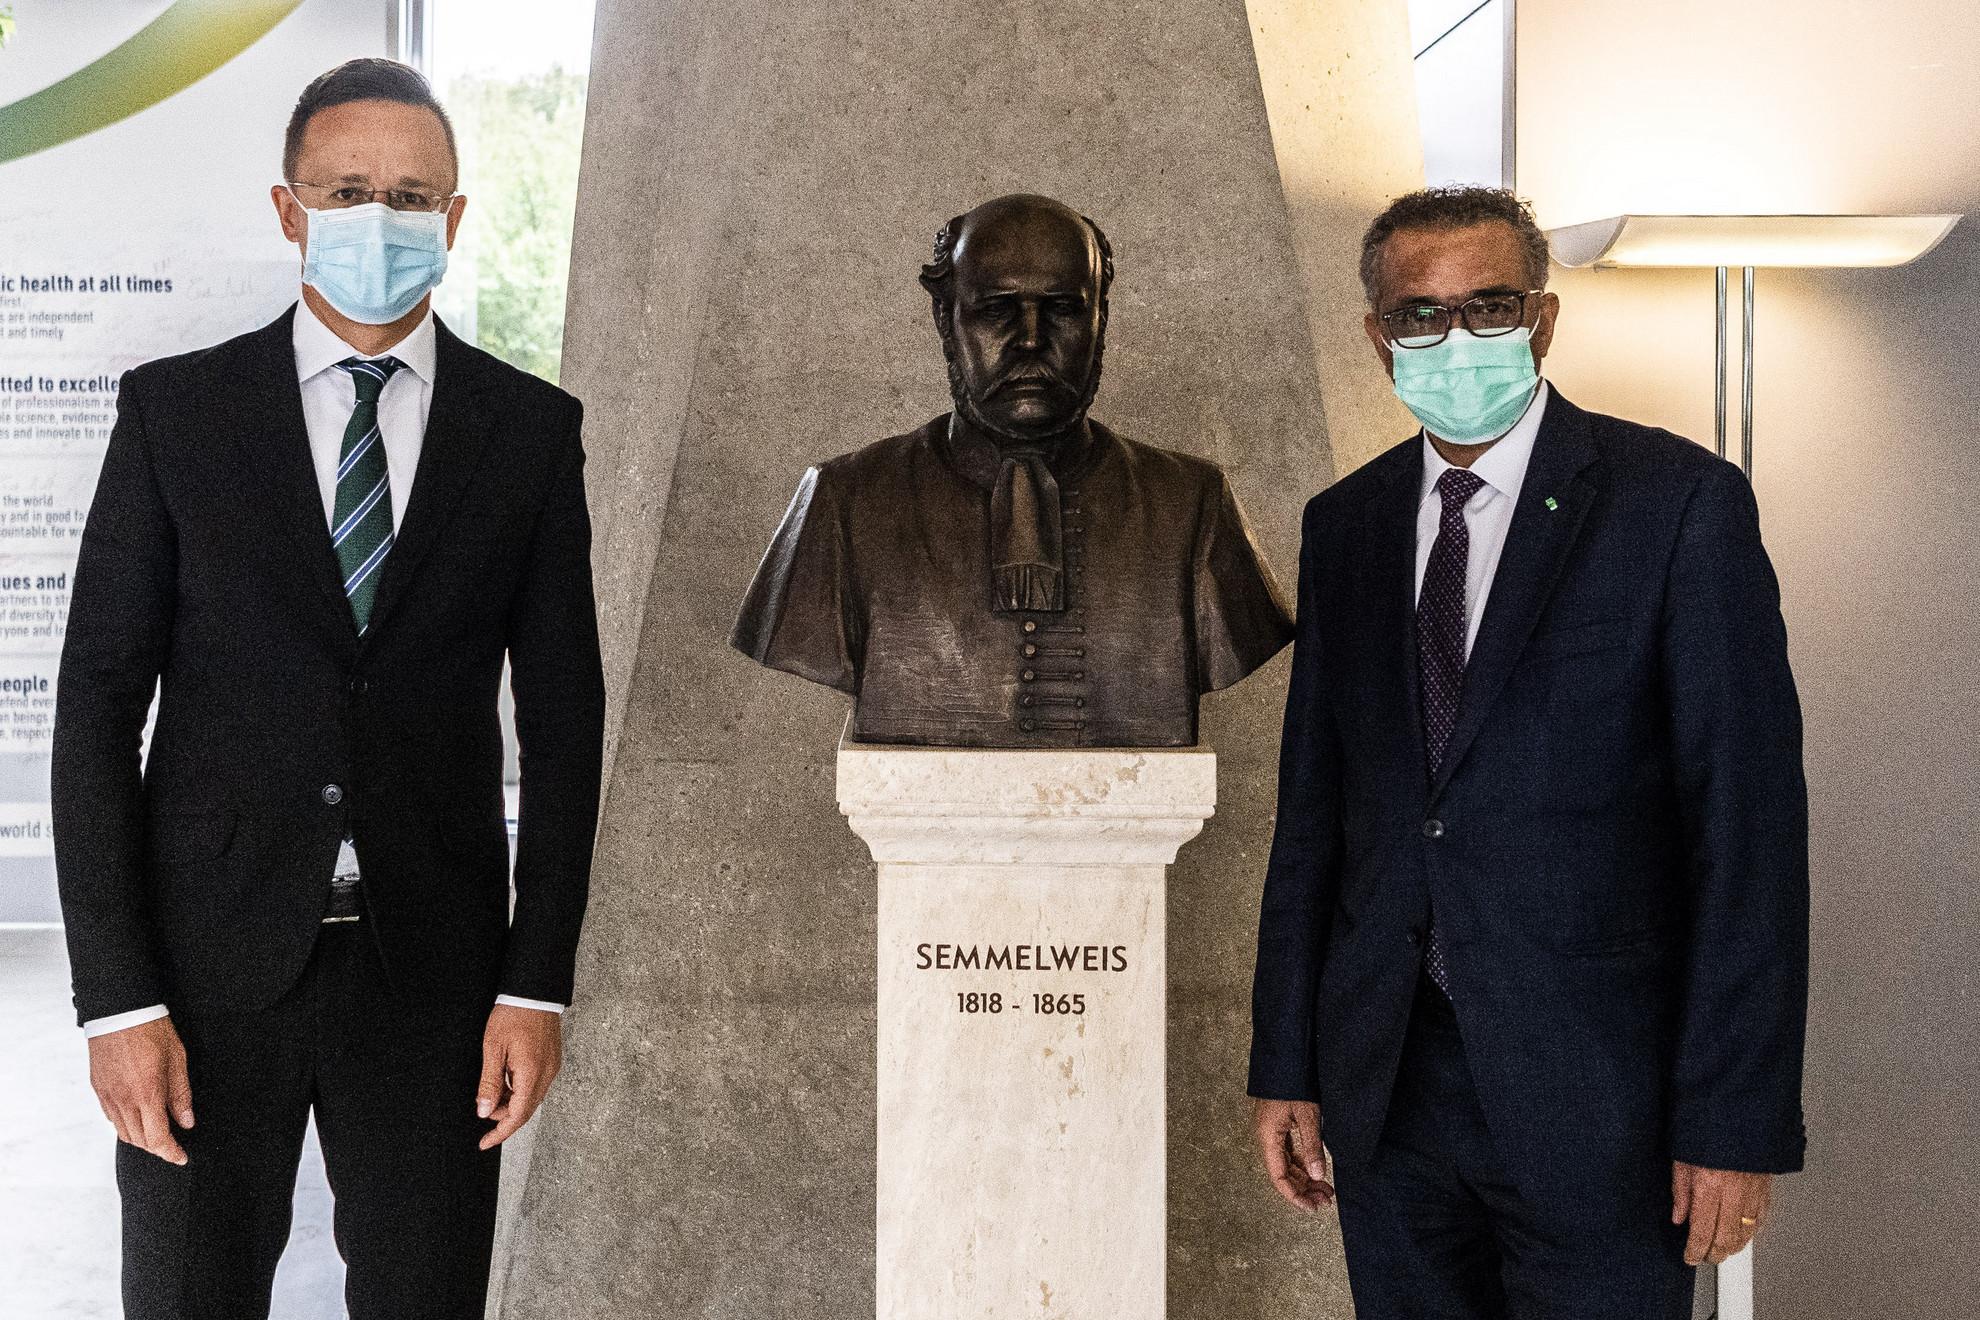 A Külgazdasági és Külügyminisztérium (KKM) által közreadott képen Szijjártó Péter külgazdasági és külügyminiszter (b) és Tedrosz Adhanom Gebrejeszusz, az Egészségügyi Világszervezet (WHO) etióp főigazgatója (j) Genfben, az Egészségügyi Világszervezet épületében lévő Semmelweis Ignác-szobornál találkozójukon